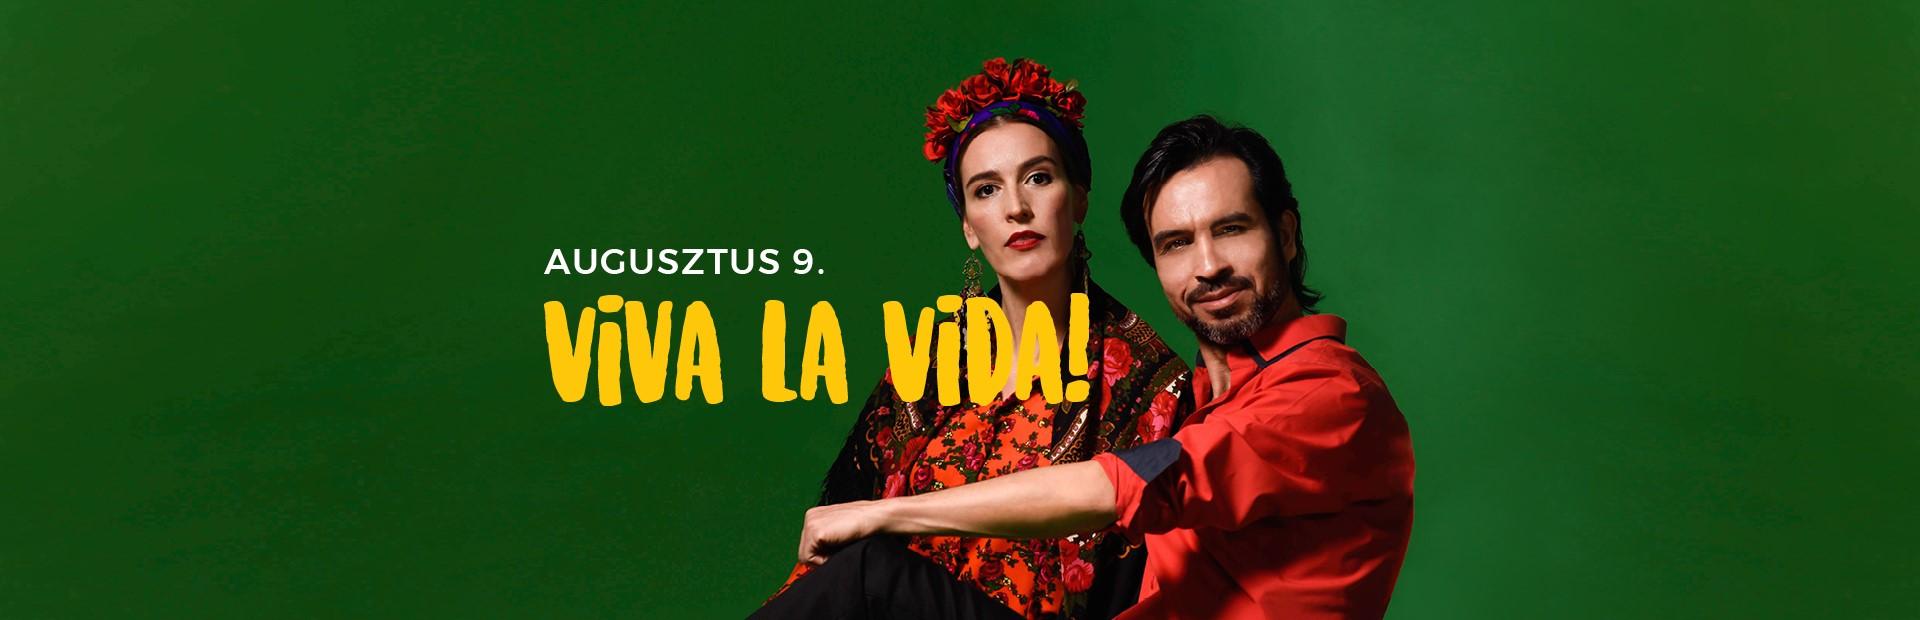 Viva La Vida koncert - 08.09.